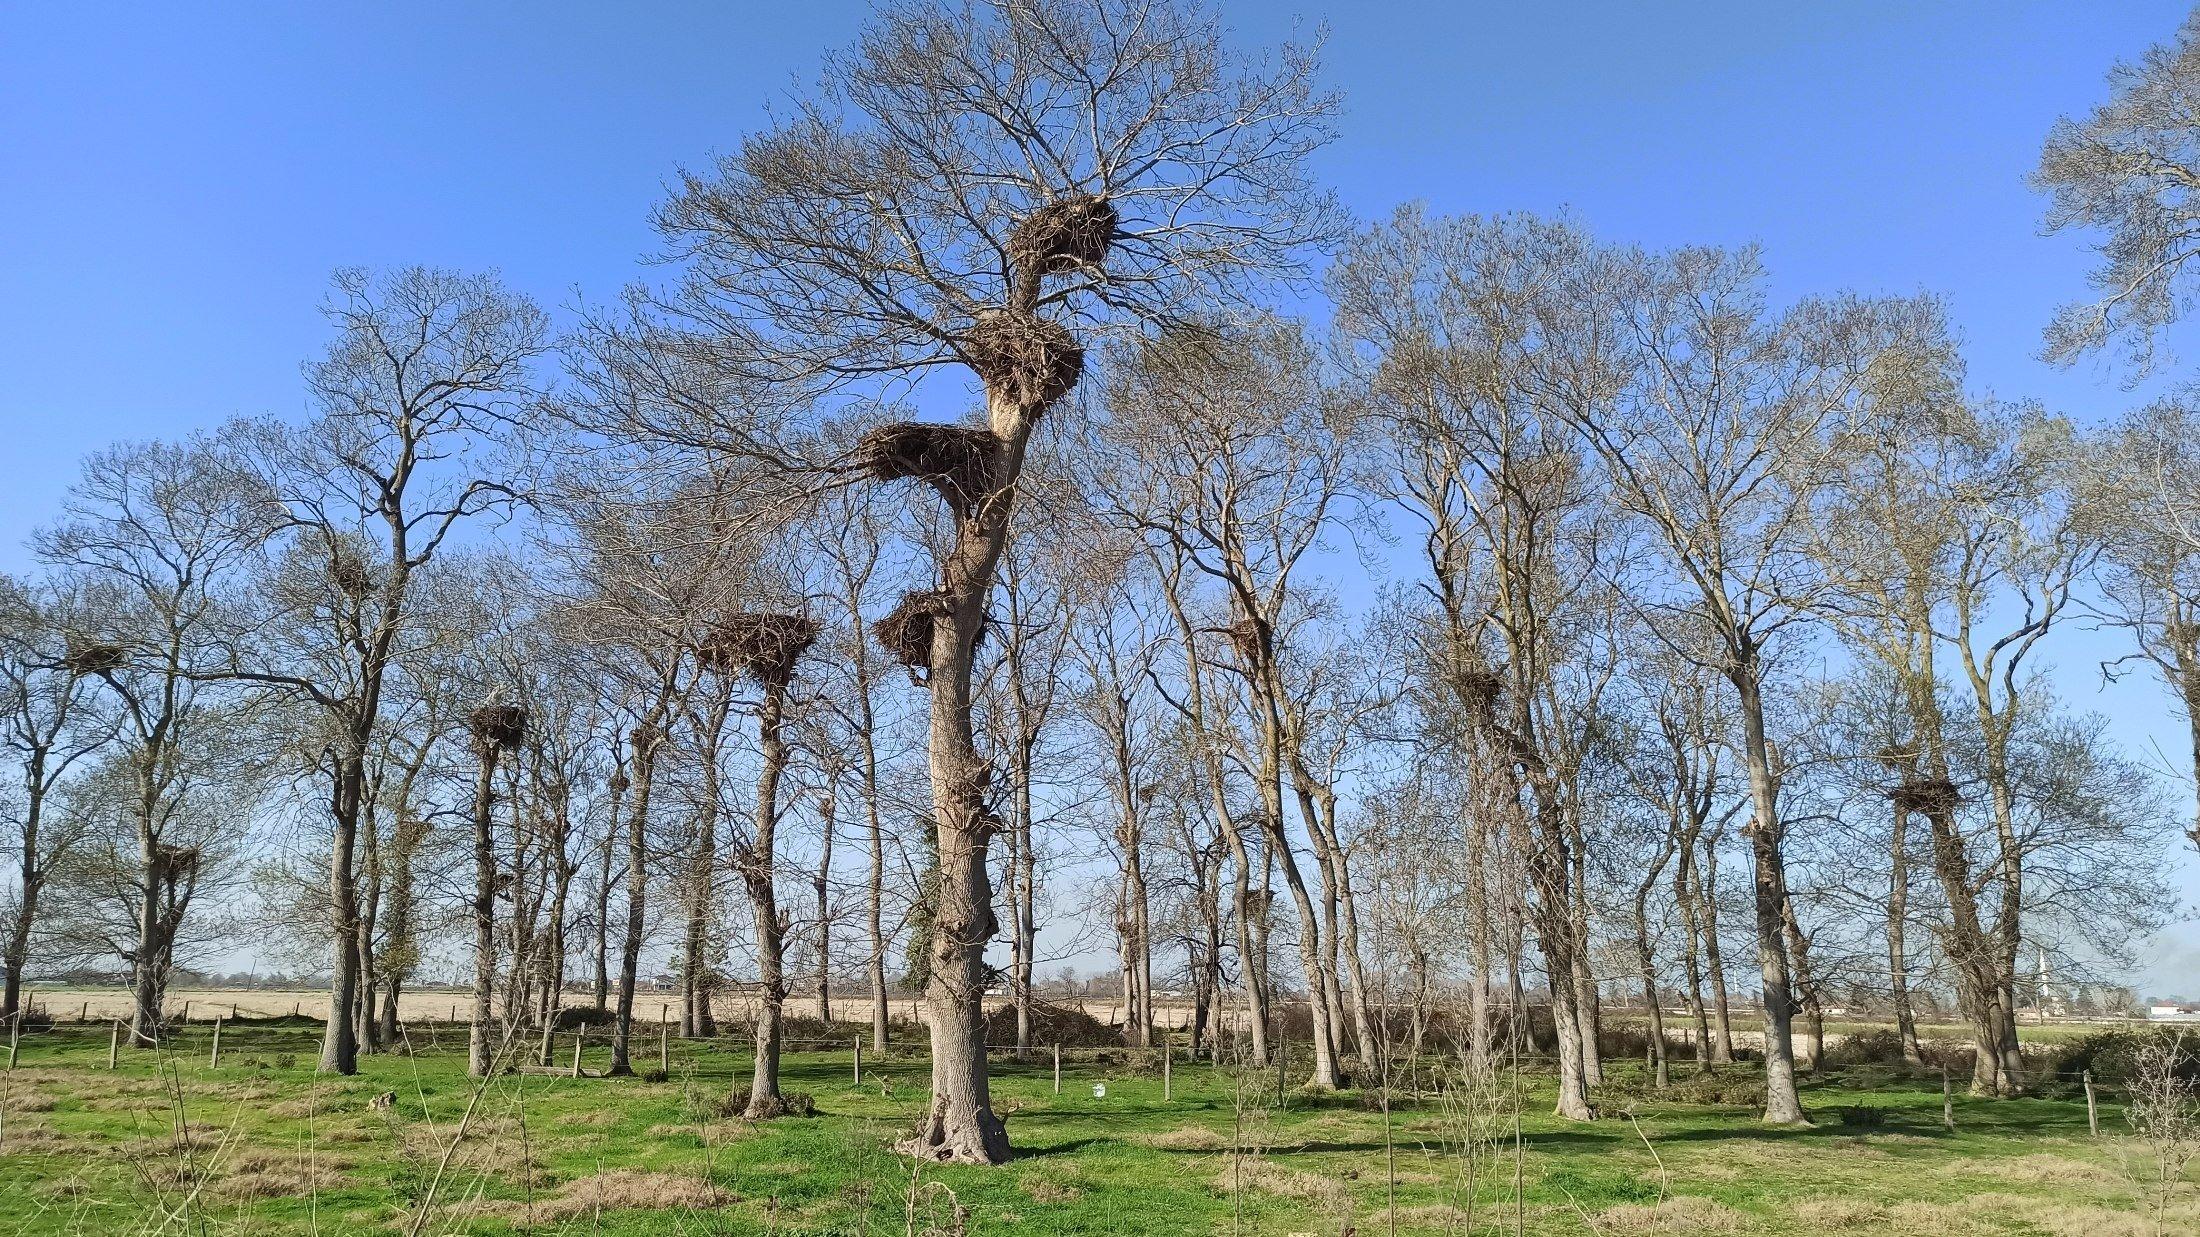 6 Şubat 2021'de Türkiye'deki Şimşon, Pafra ilçesindeki Leylek ormanında Ohoto tilkisinin ağlarını gösteriyor.  (IHA fotoğrafı)